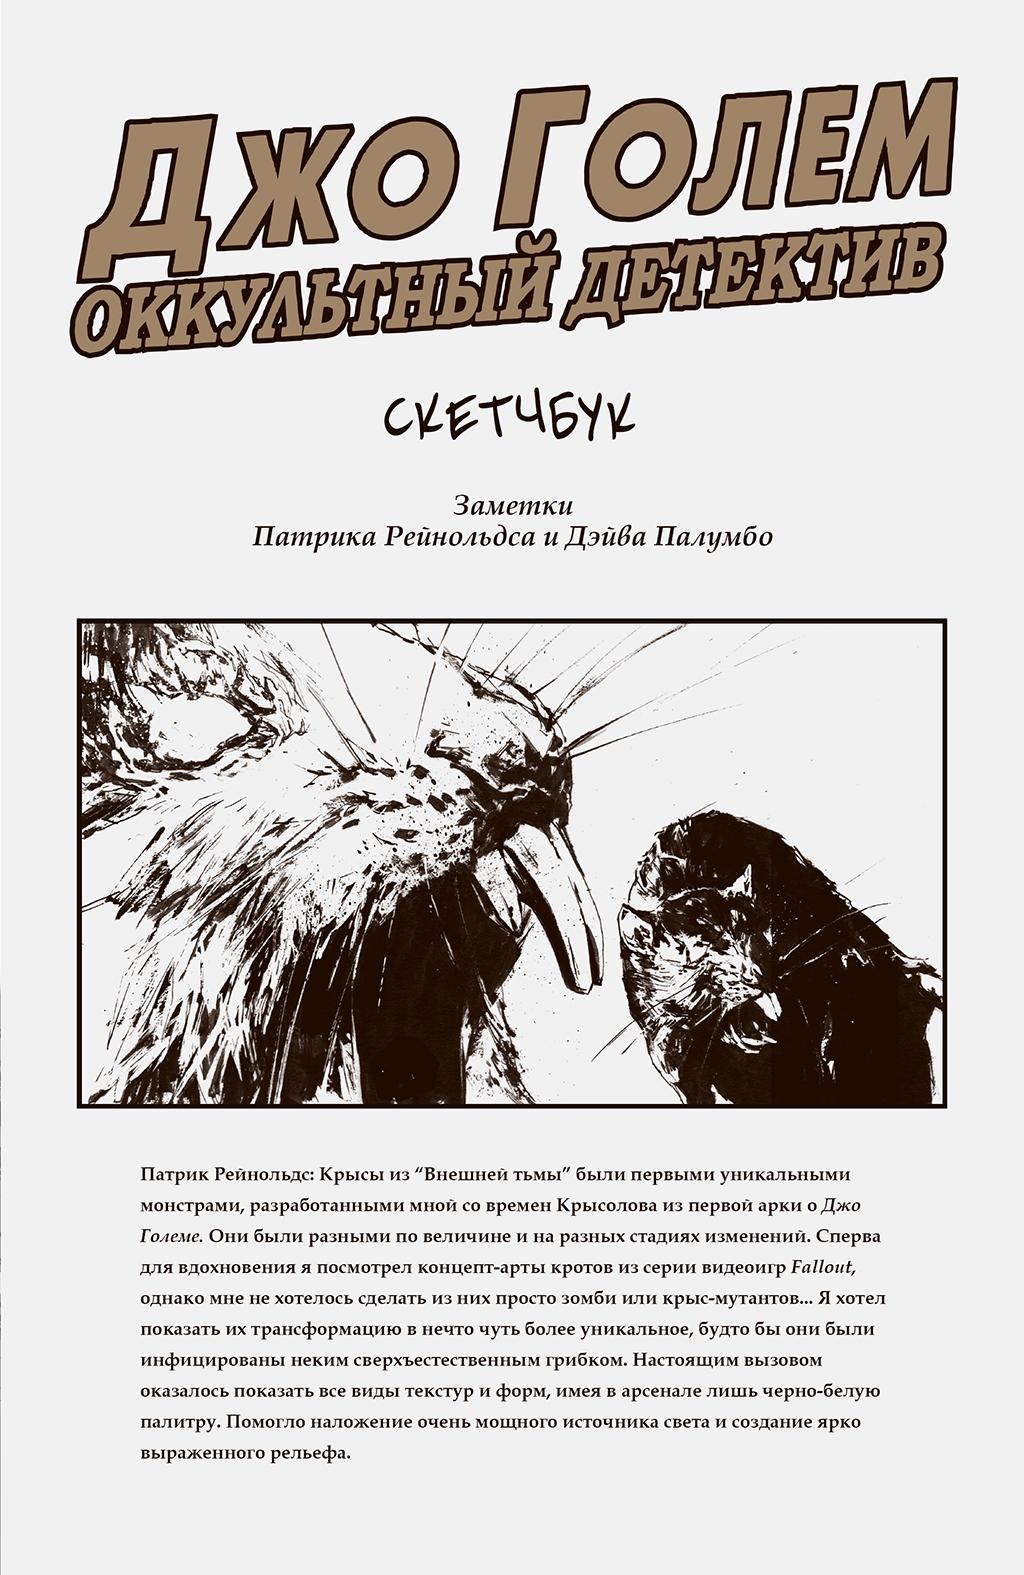 Комикс Джо Голем: Оккультный Детектив